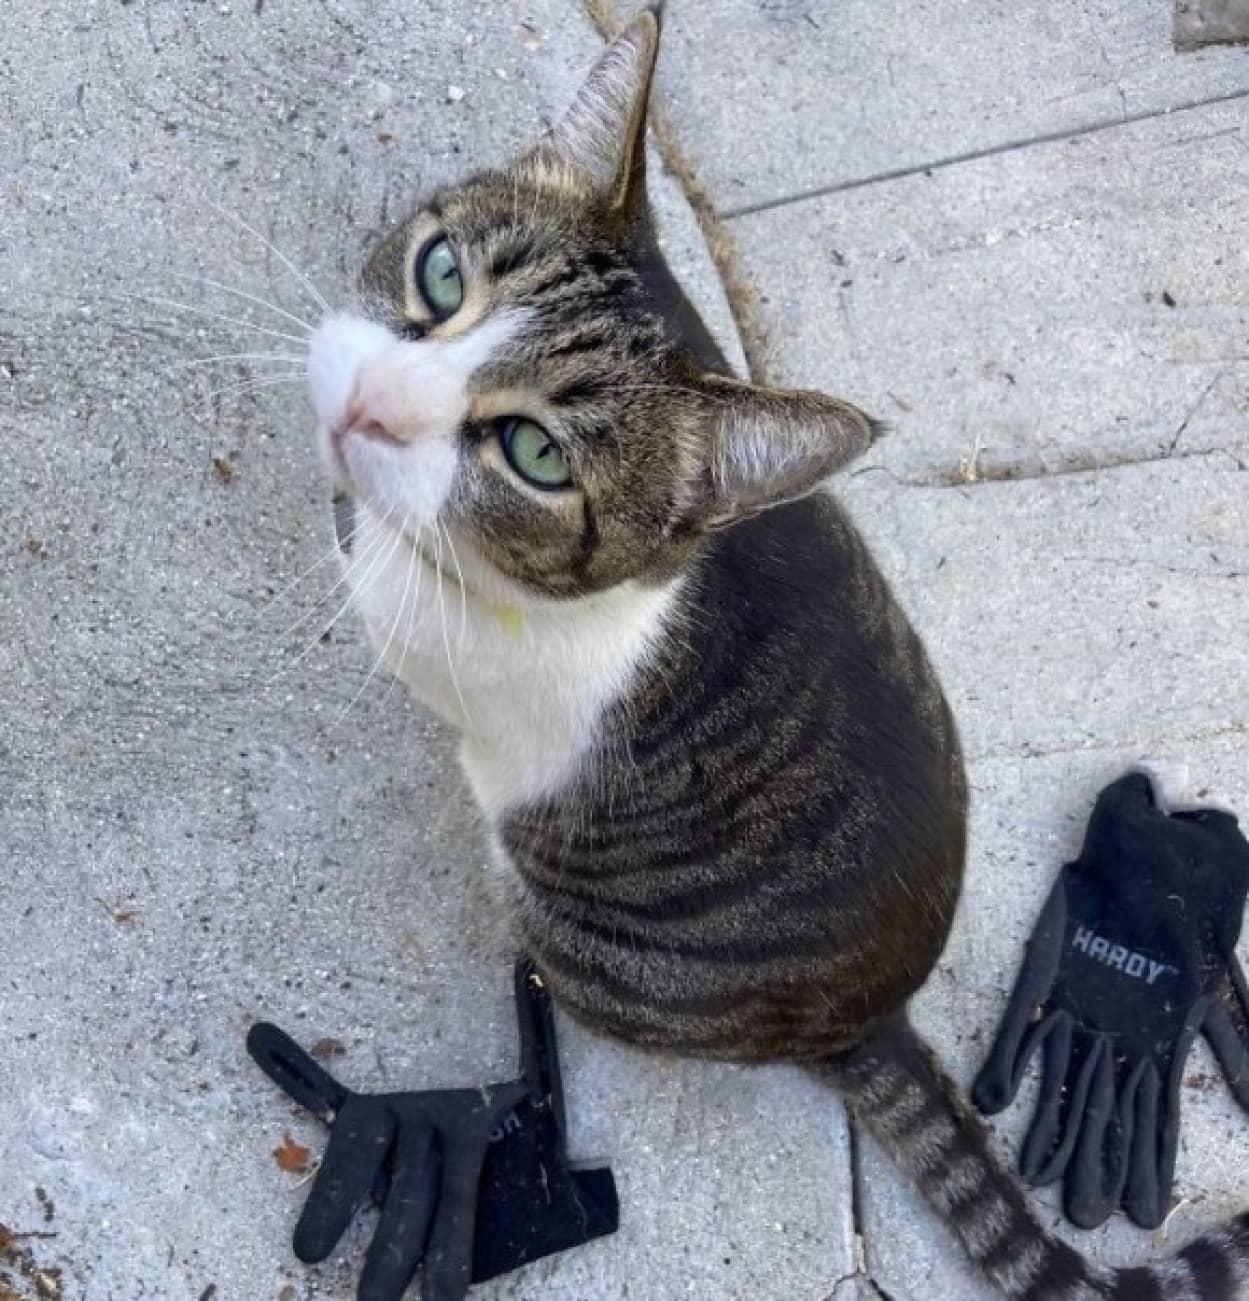 飼い主にプレゼントするために、近所で盗みを繰り返す猫